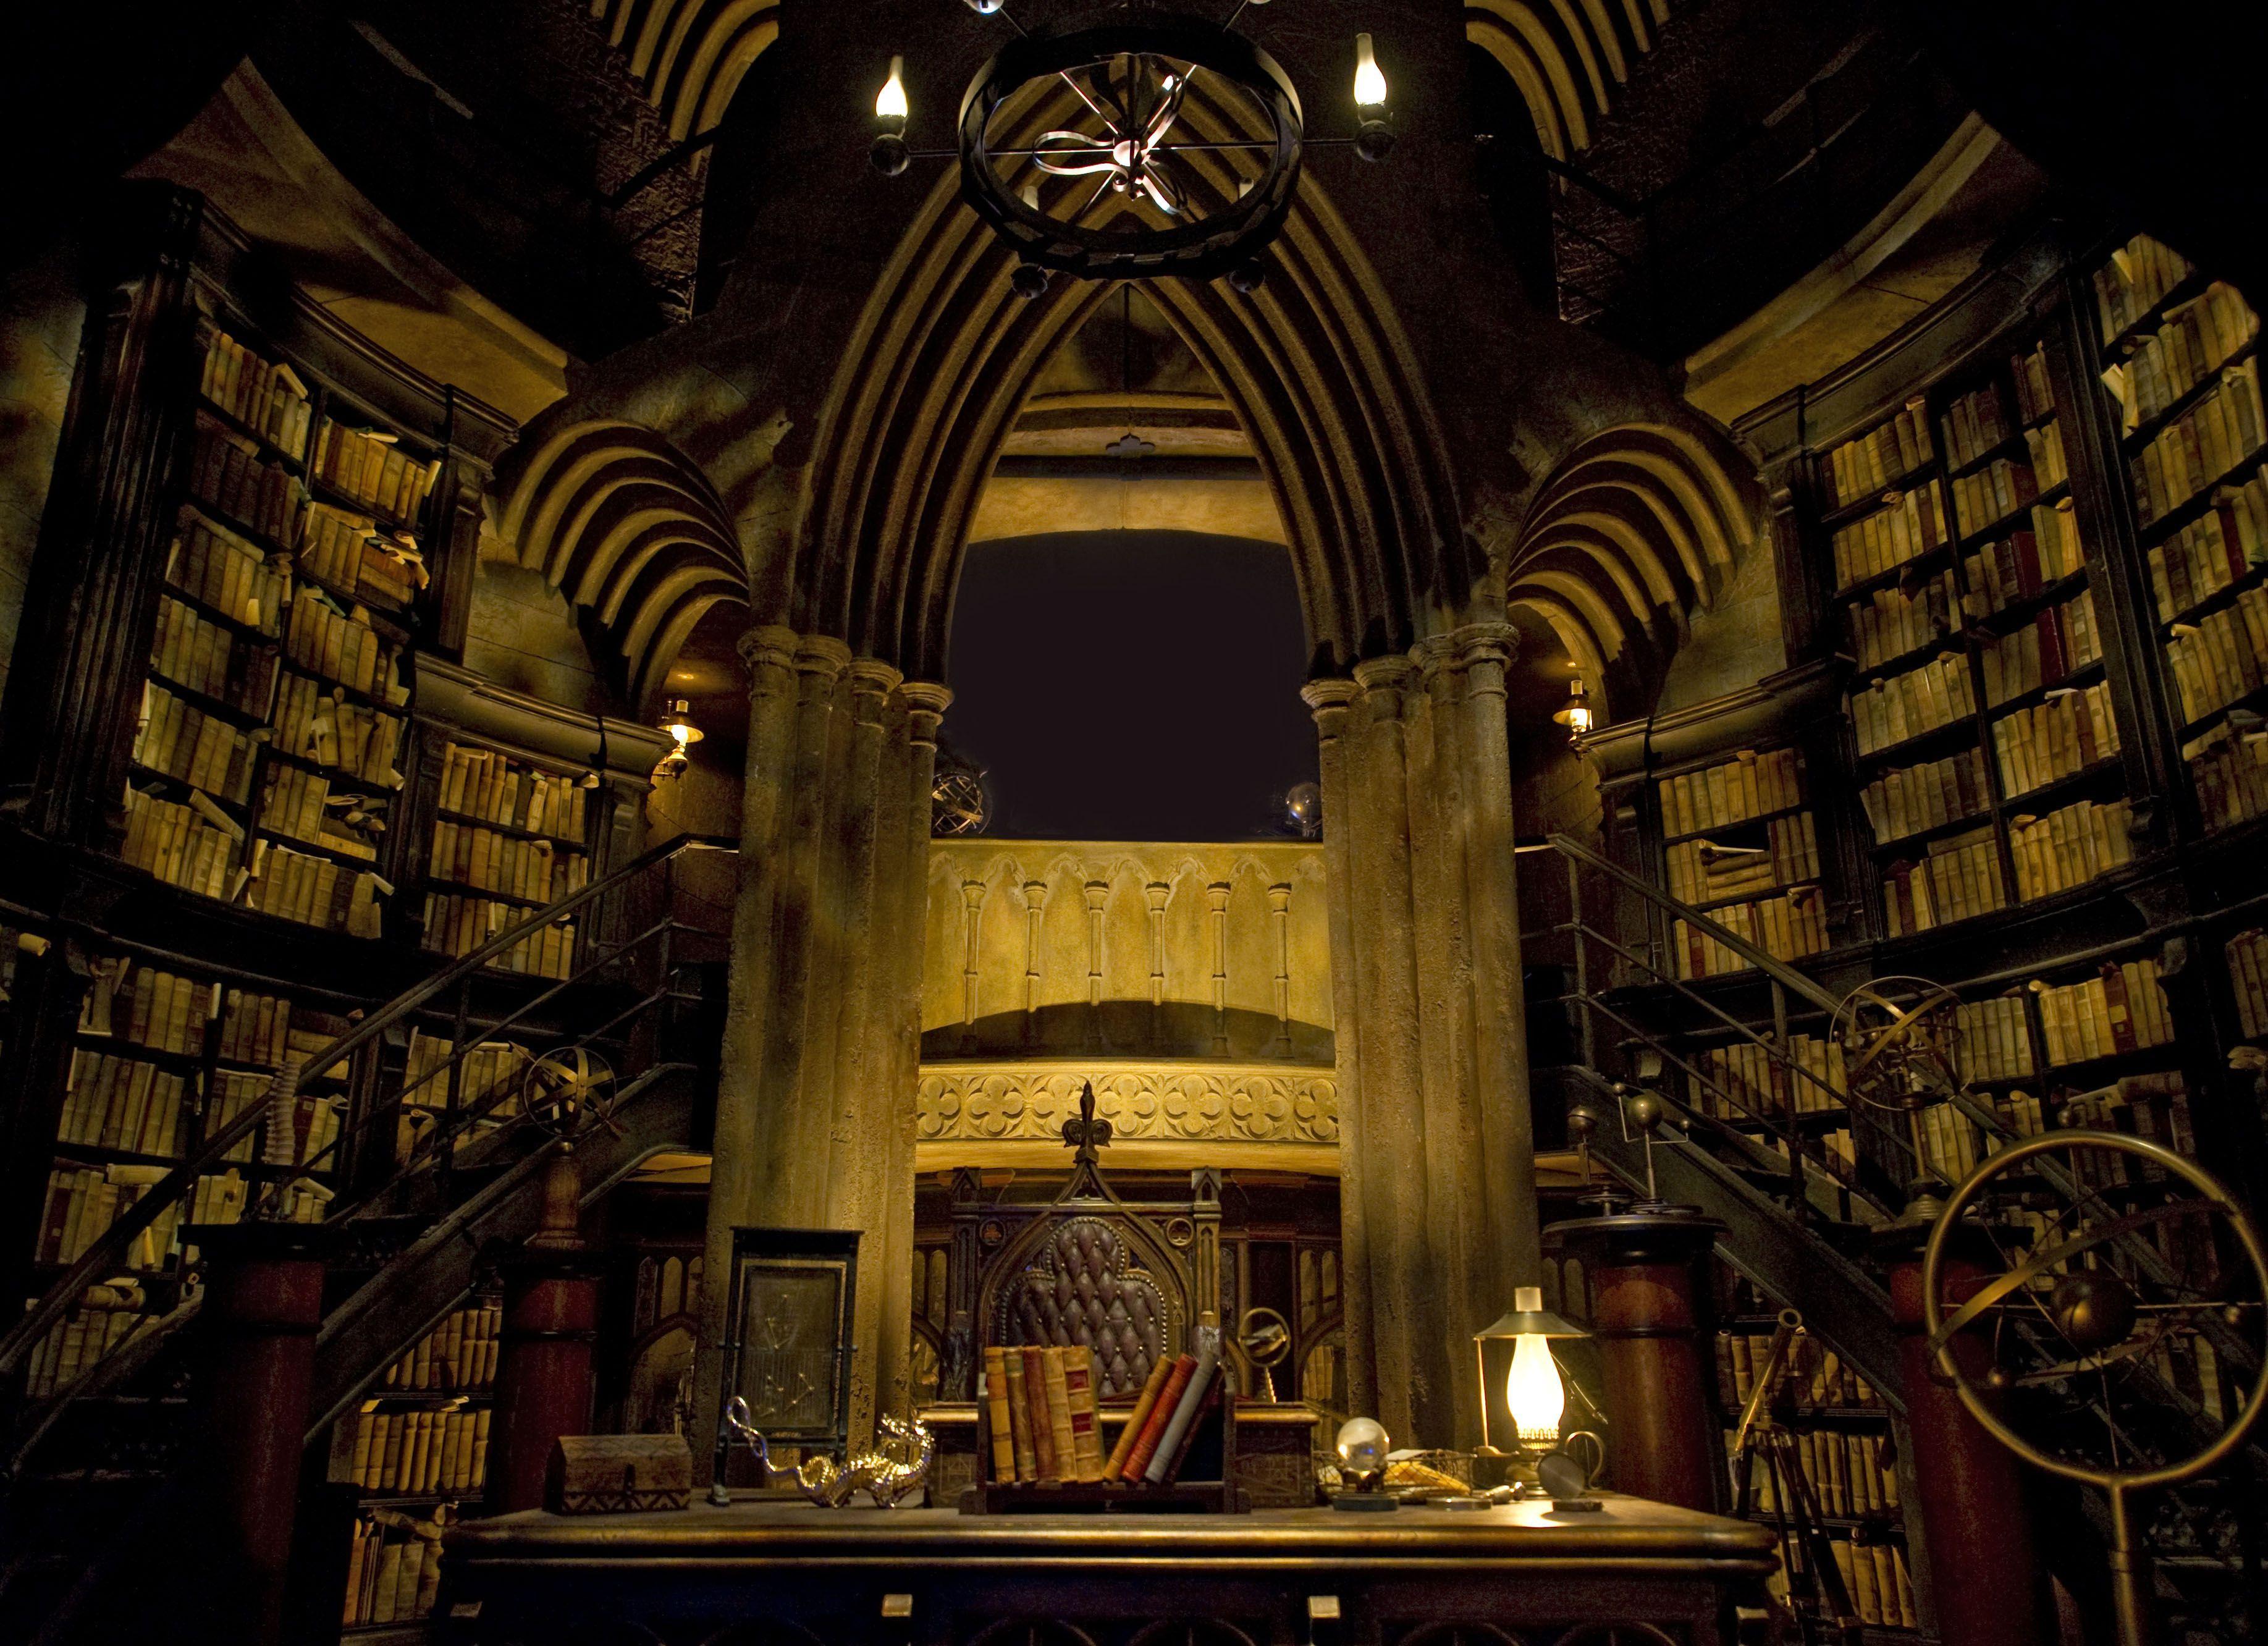 La oficina de Dumbledore en el paseo de Harry Potter